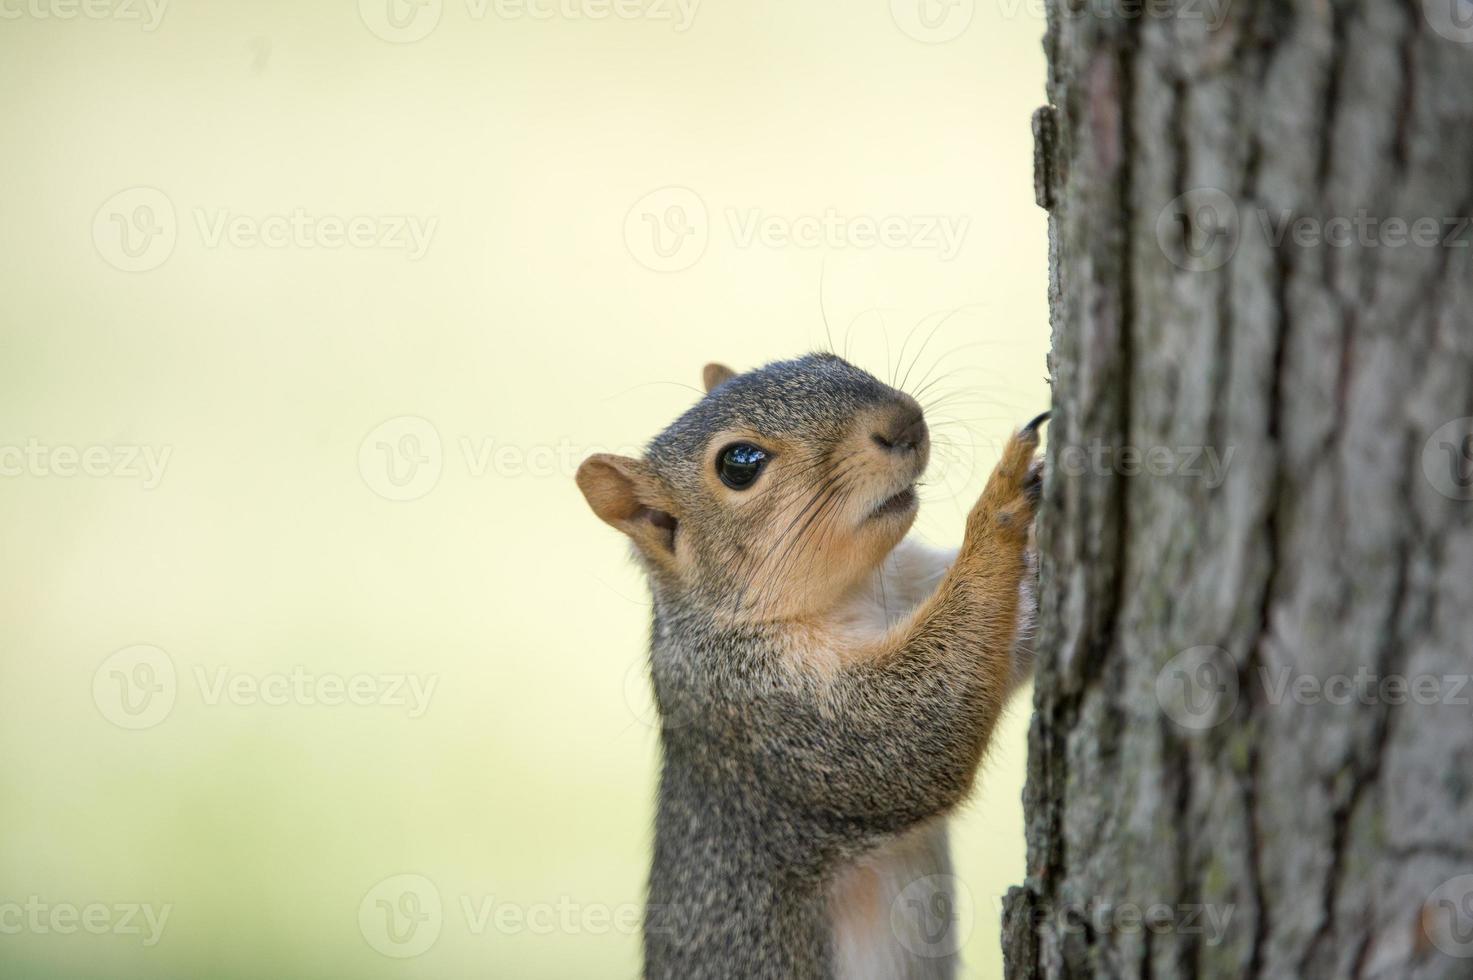 scoiattolo grigio orientale sull'albero foto